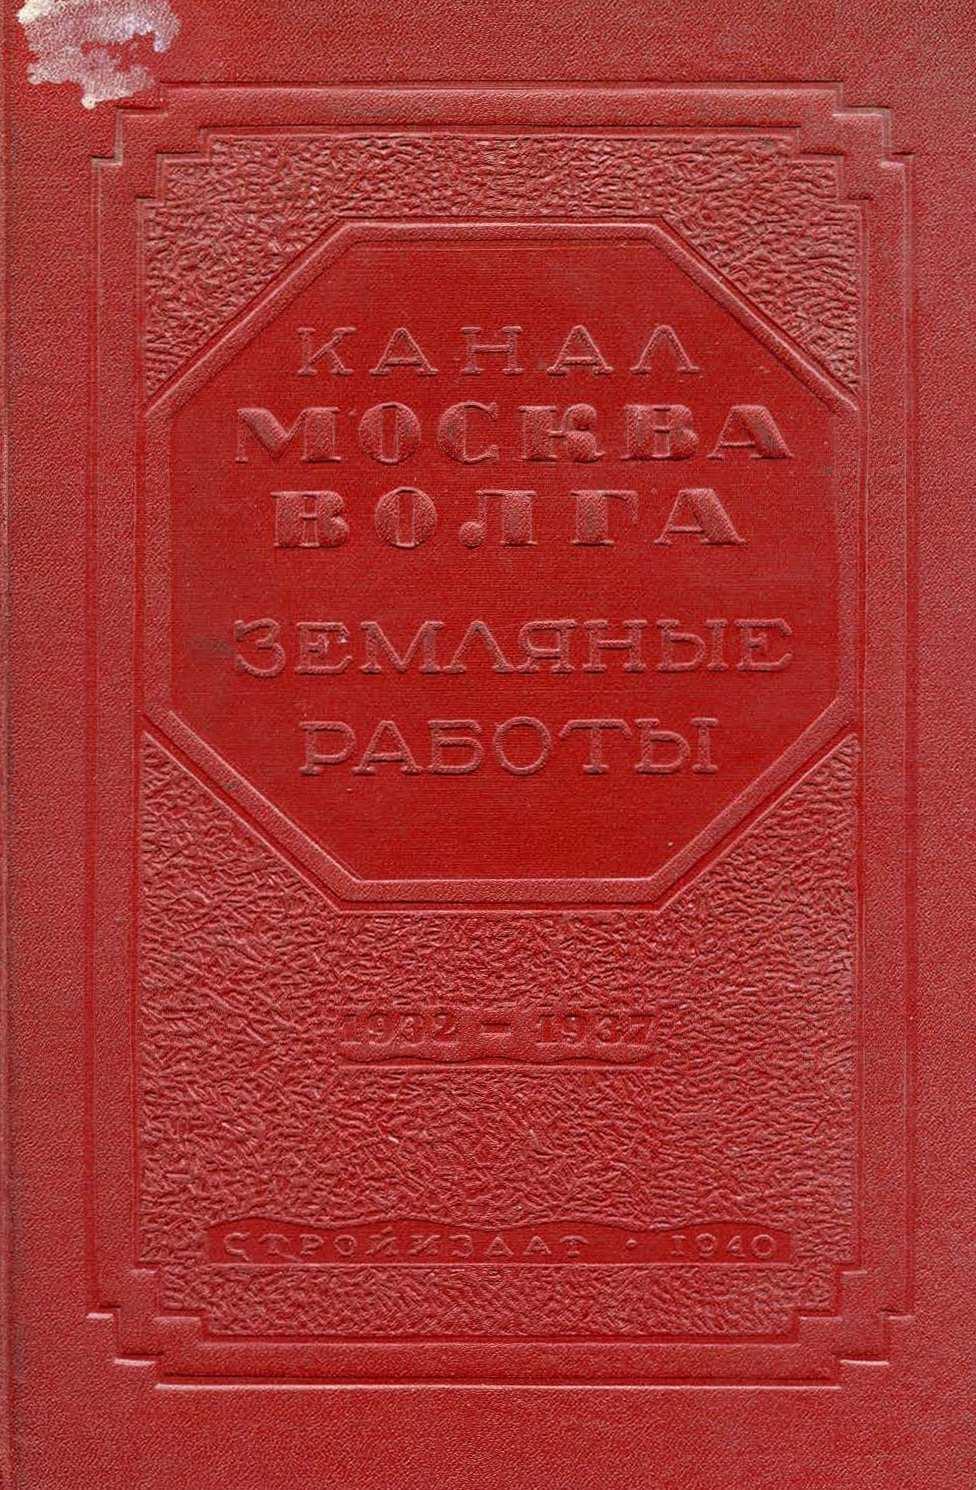 kanal-moskva-volga-1932-1937-zemlianye-raboty-1940_Page1.jpg